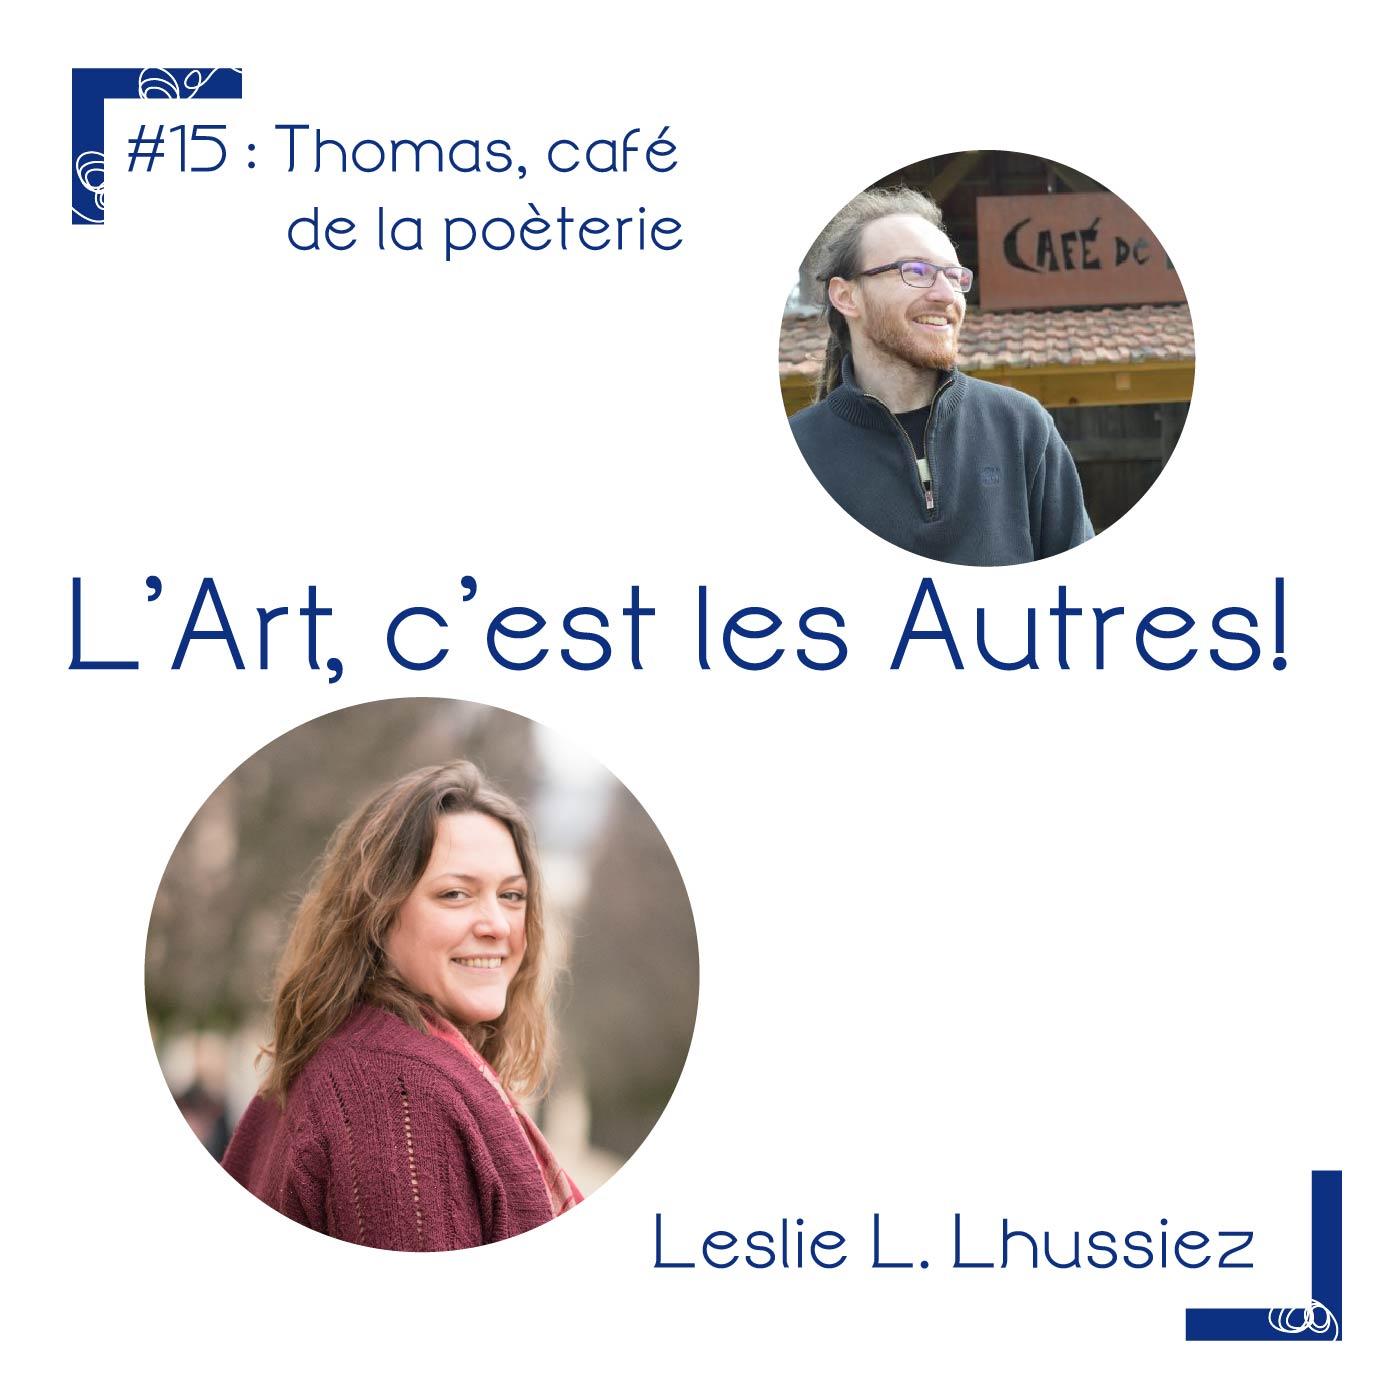 # 15 Thomas, gérant du café de la poèterie, ateliers d'artistes et concerts en Puisaye.